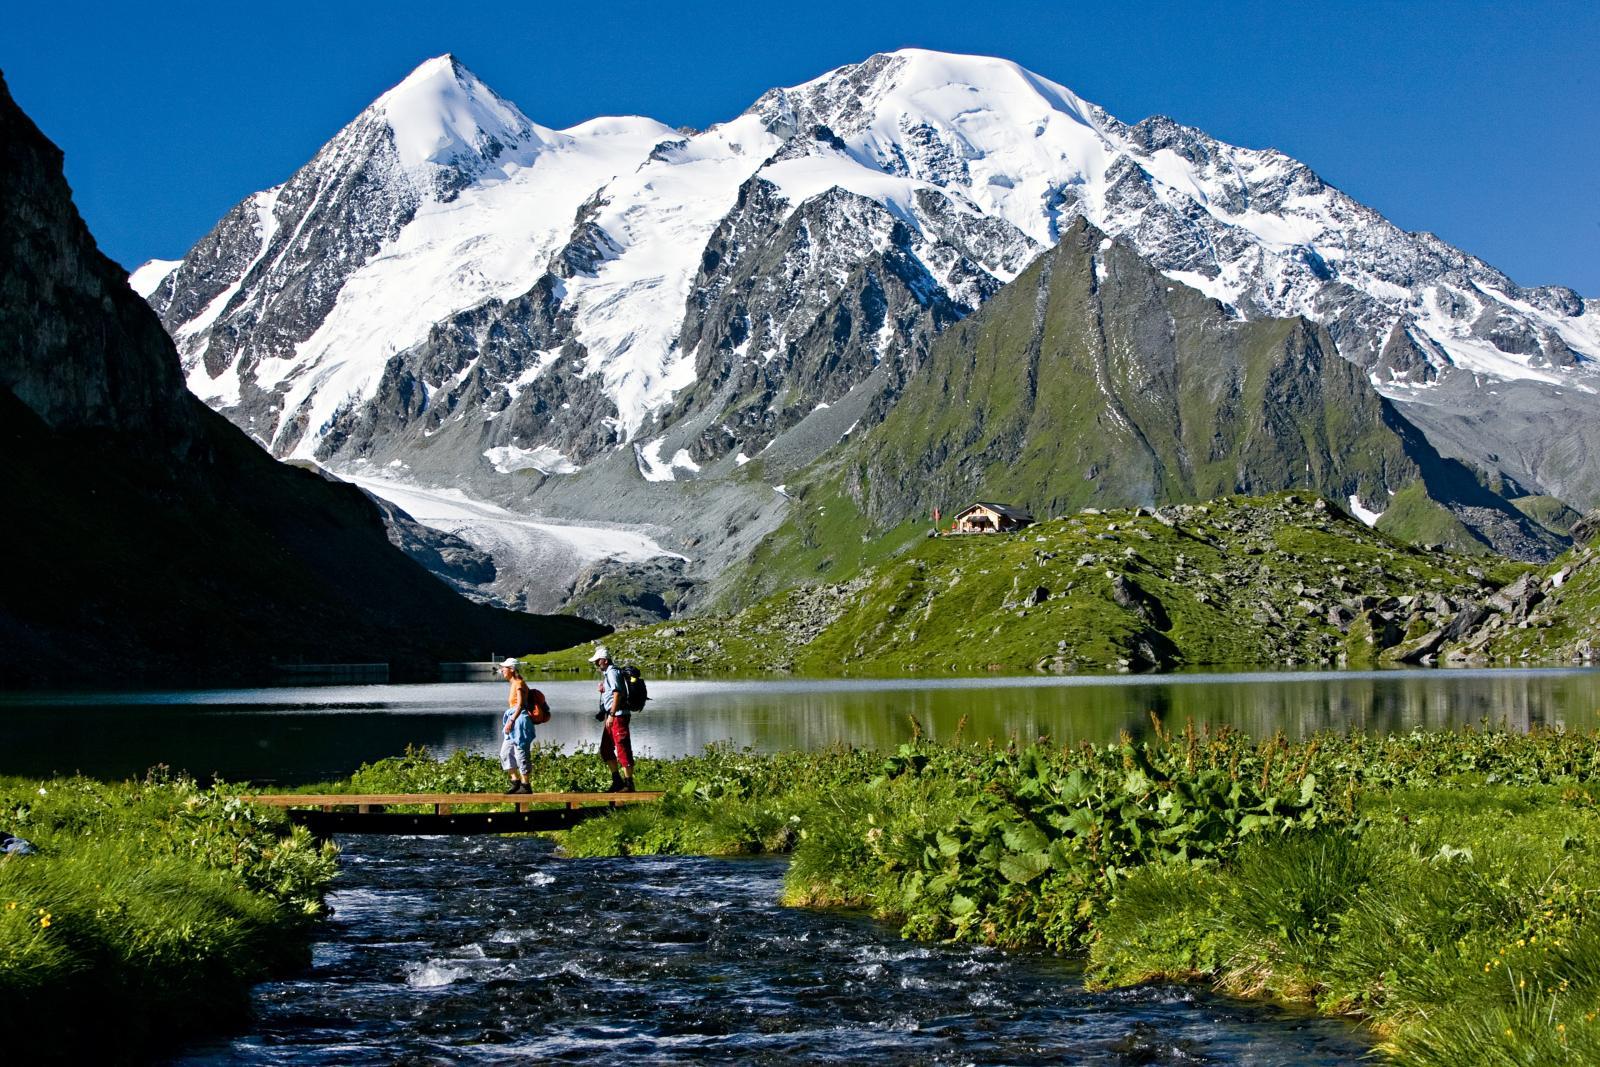 SWITZERLAND - SUMMER